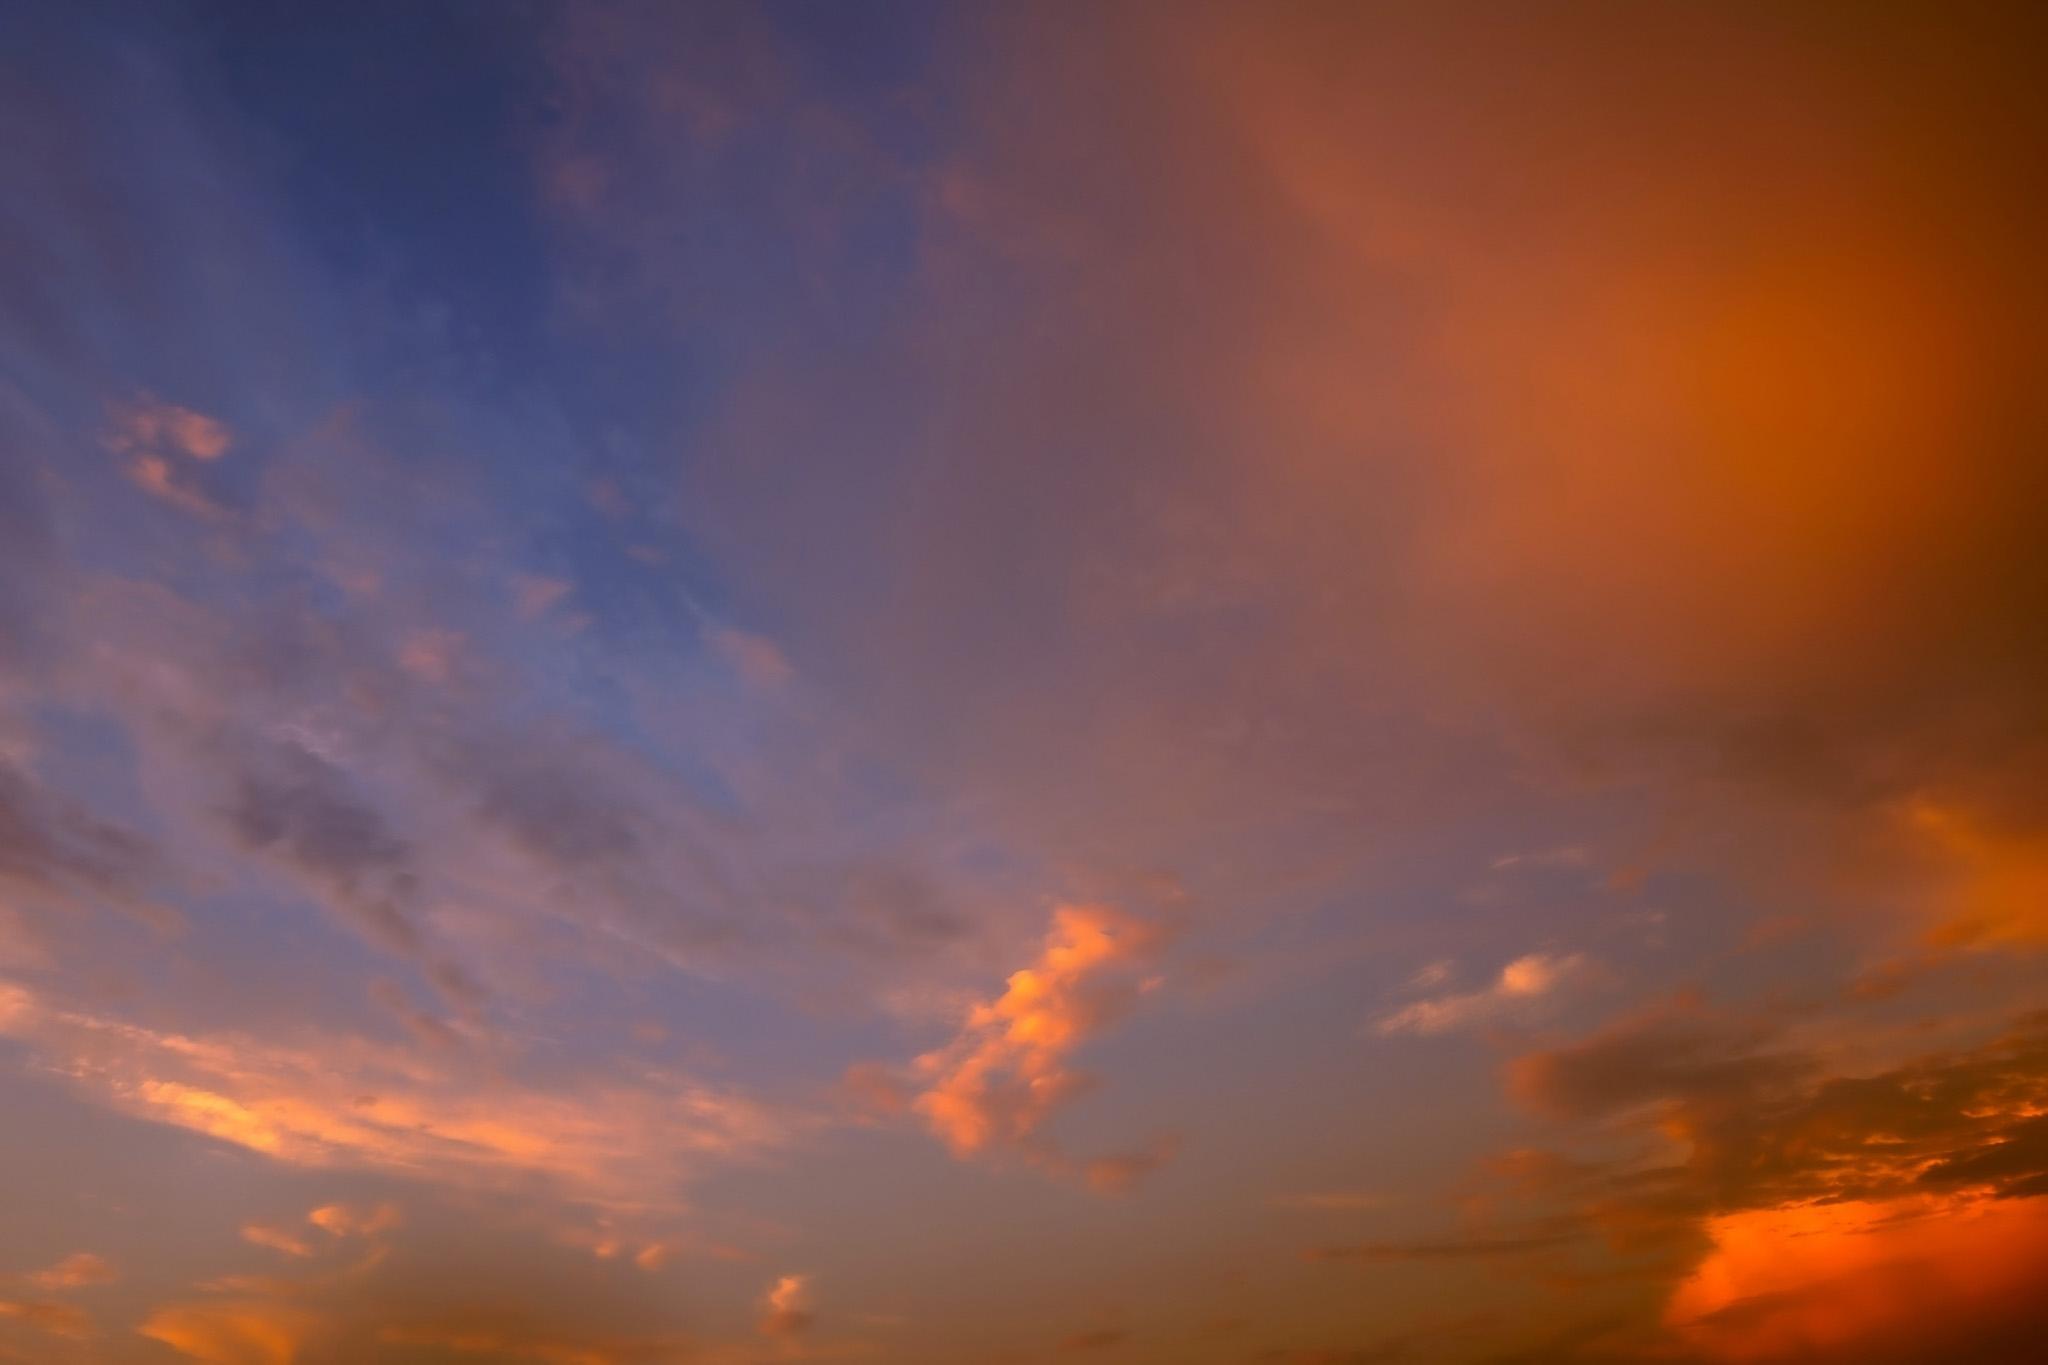 「夕焼け雲が濃紺の空に映える」